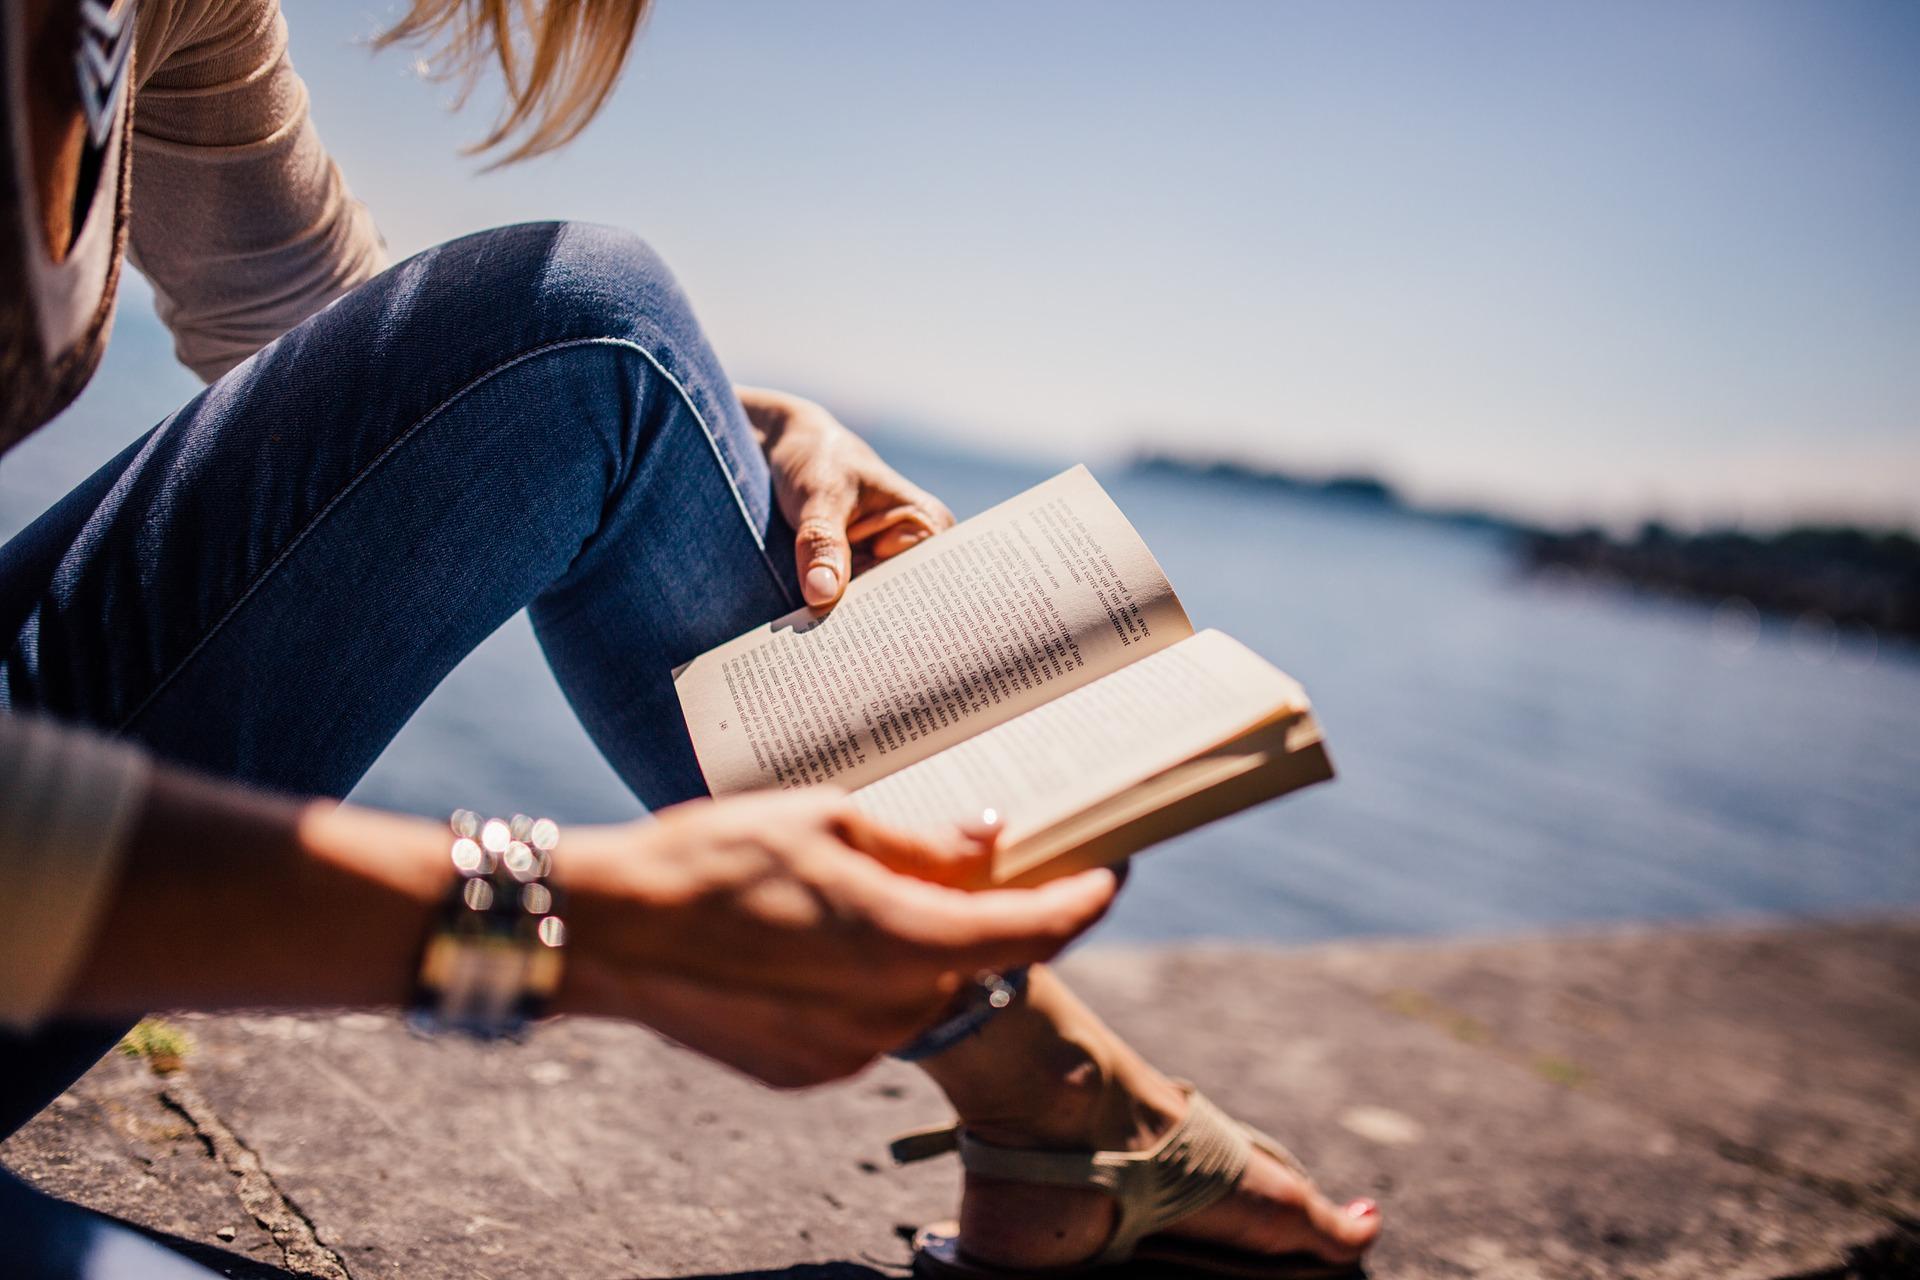 Consigli di lettura per le vacanze. Matteo Balocco